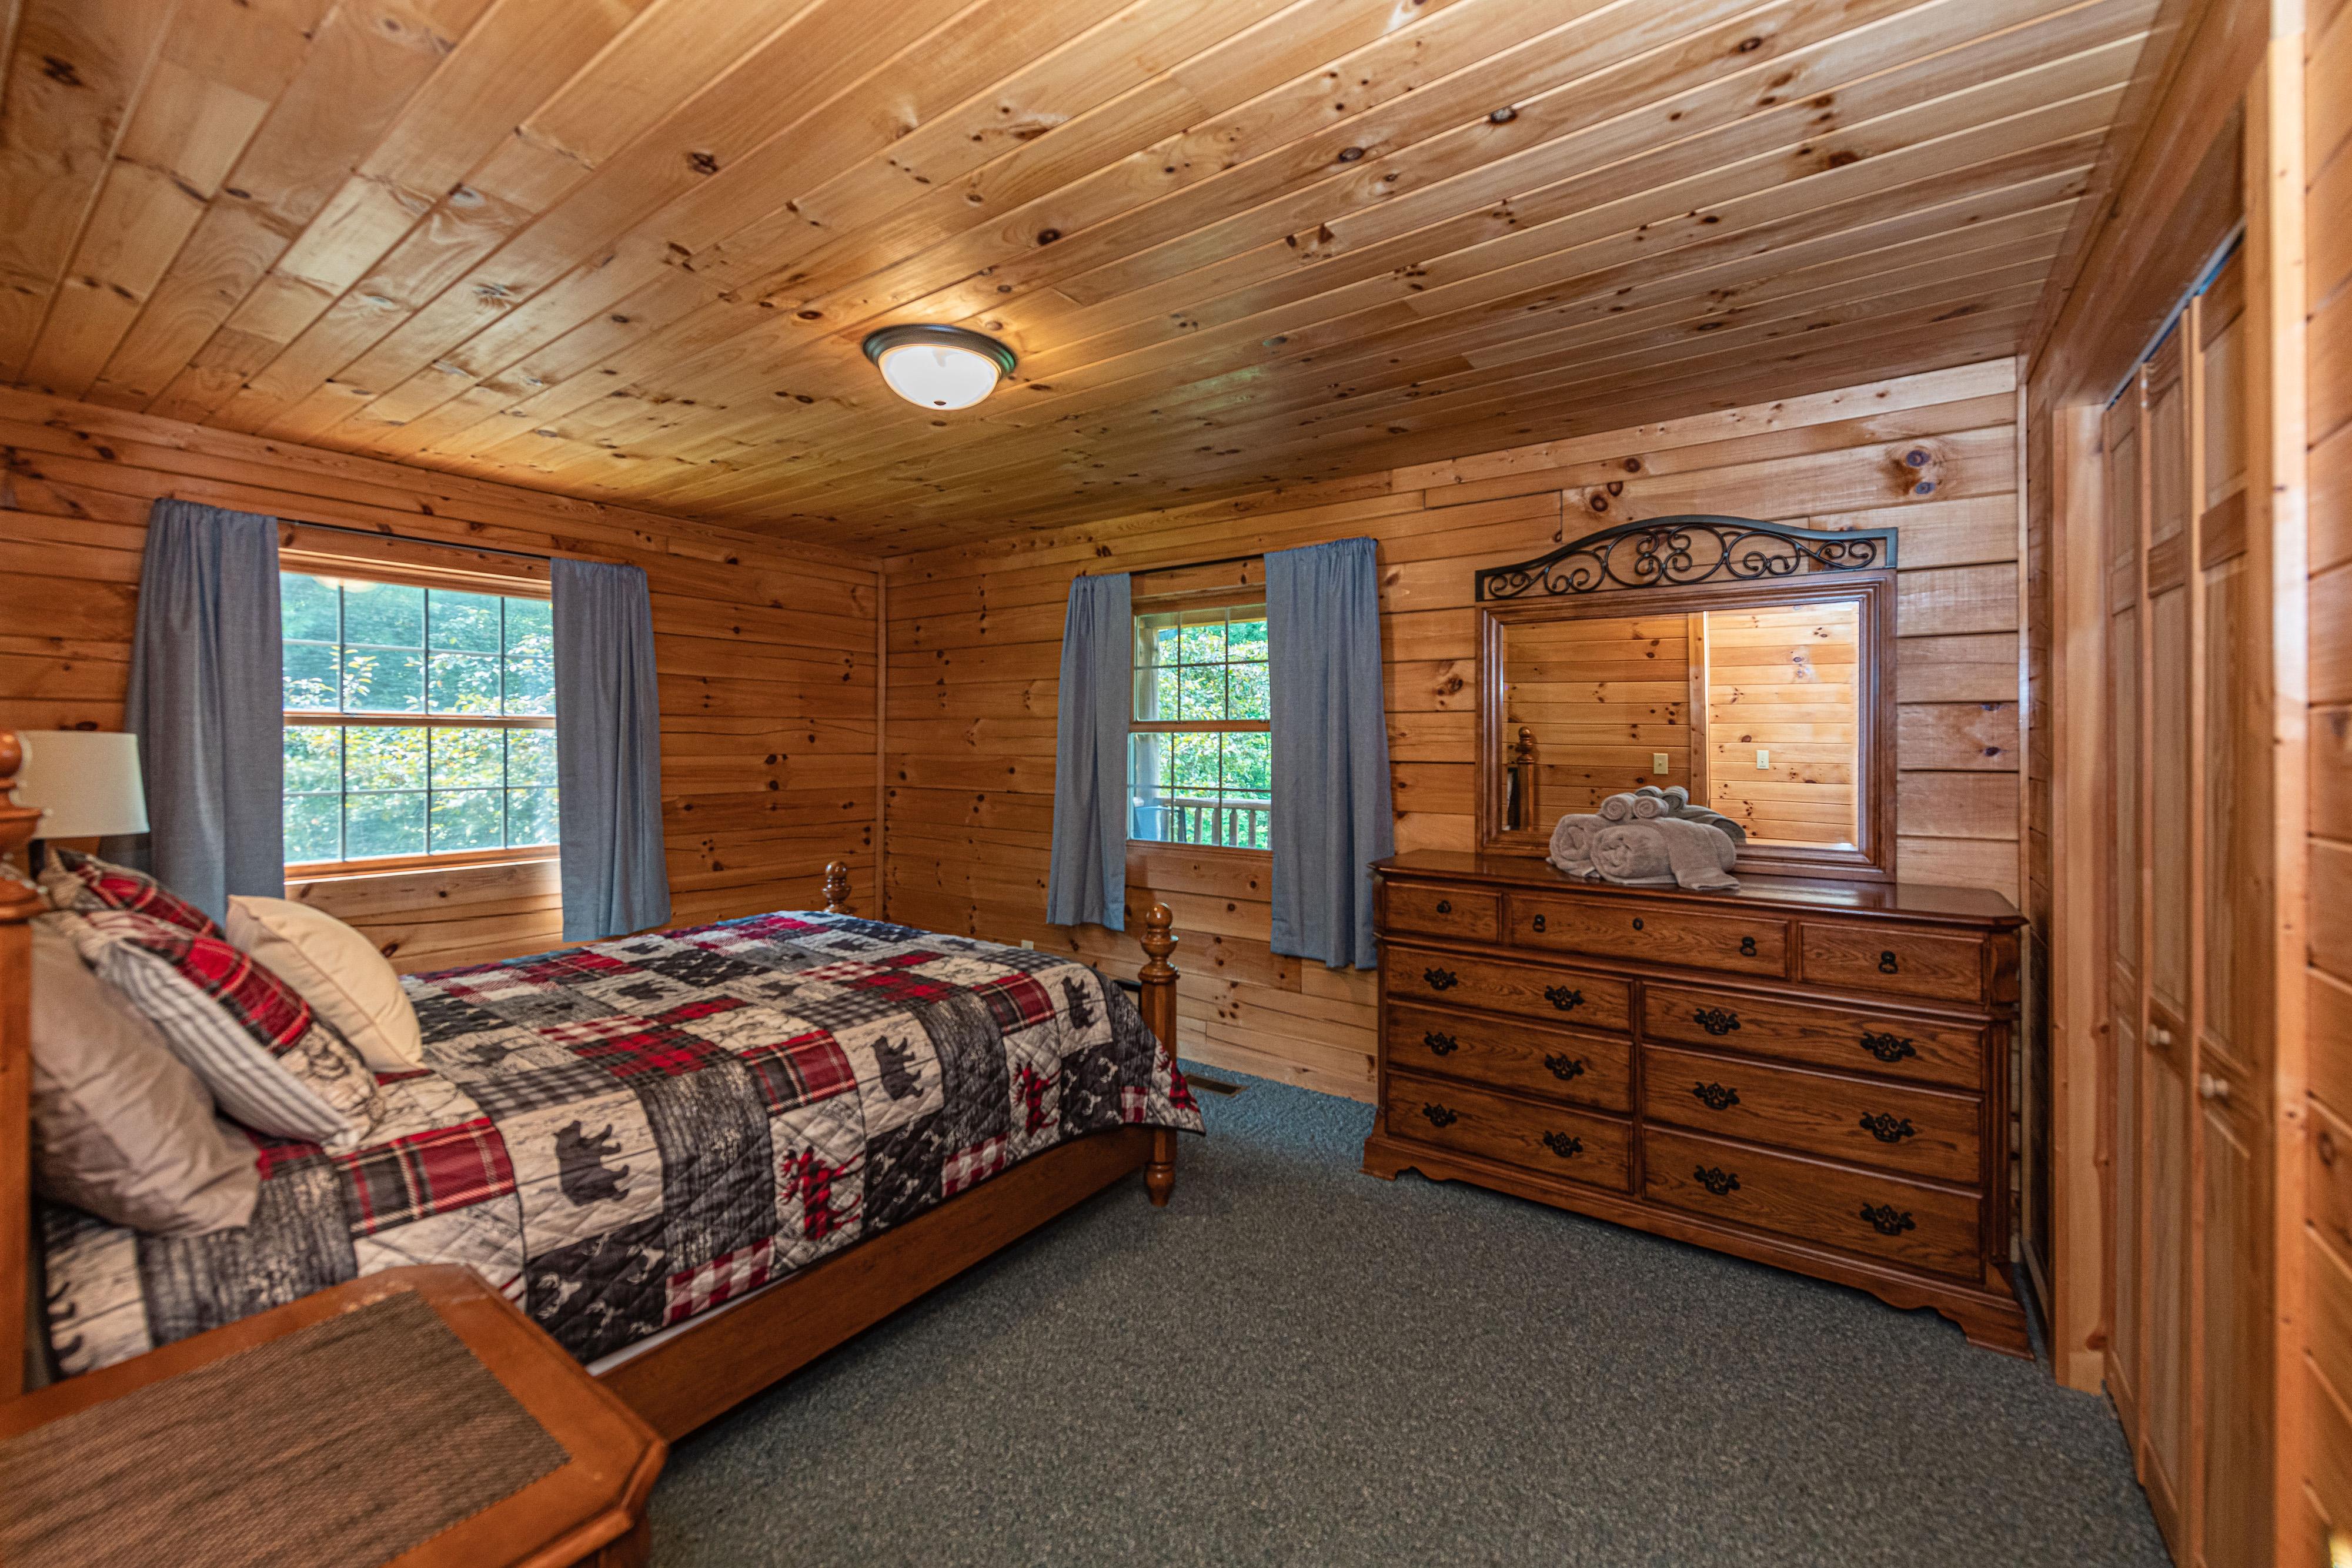 Photo 2006_11751.jpg - Main Level Queen Bedroom Bedroom 2